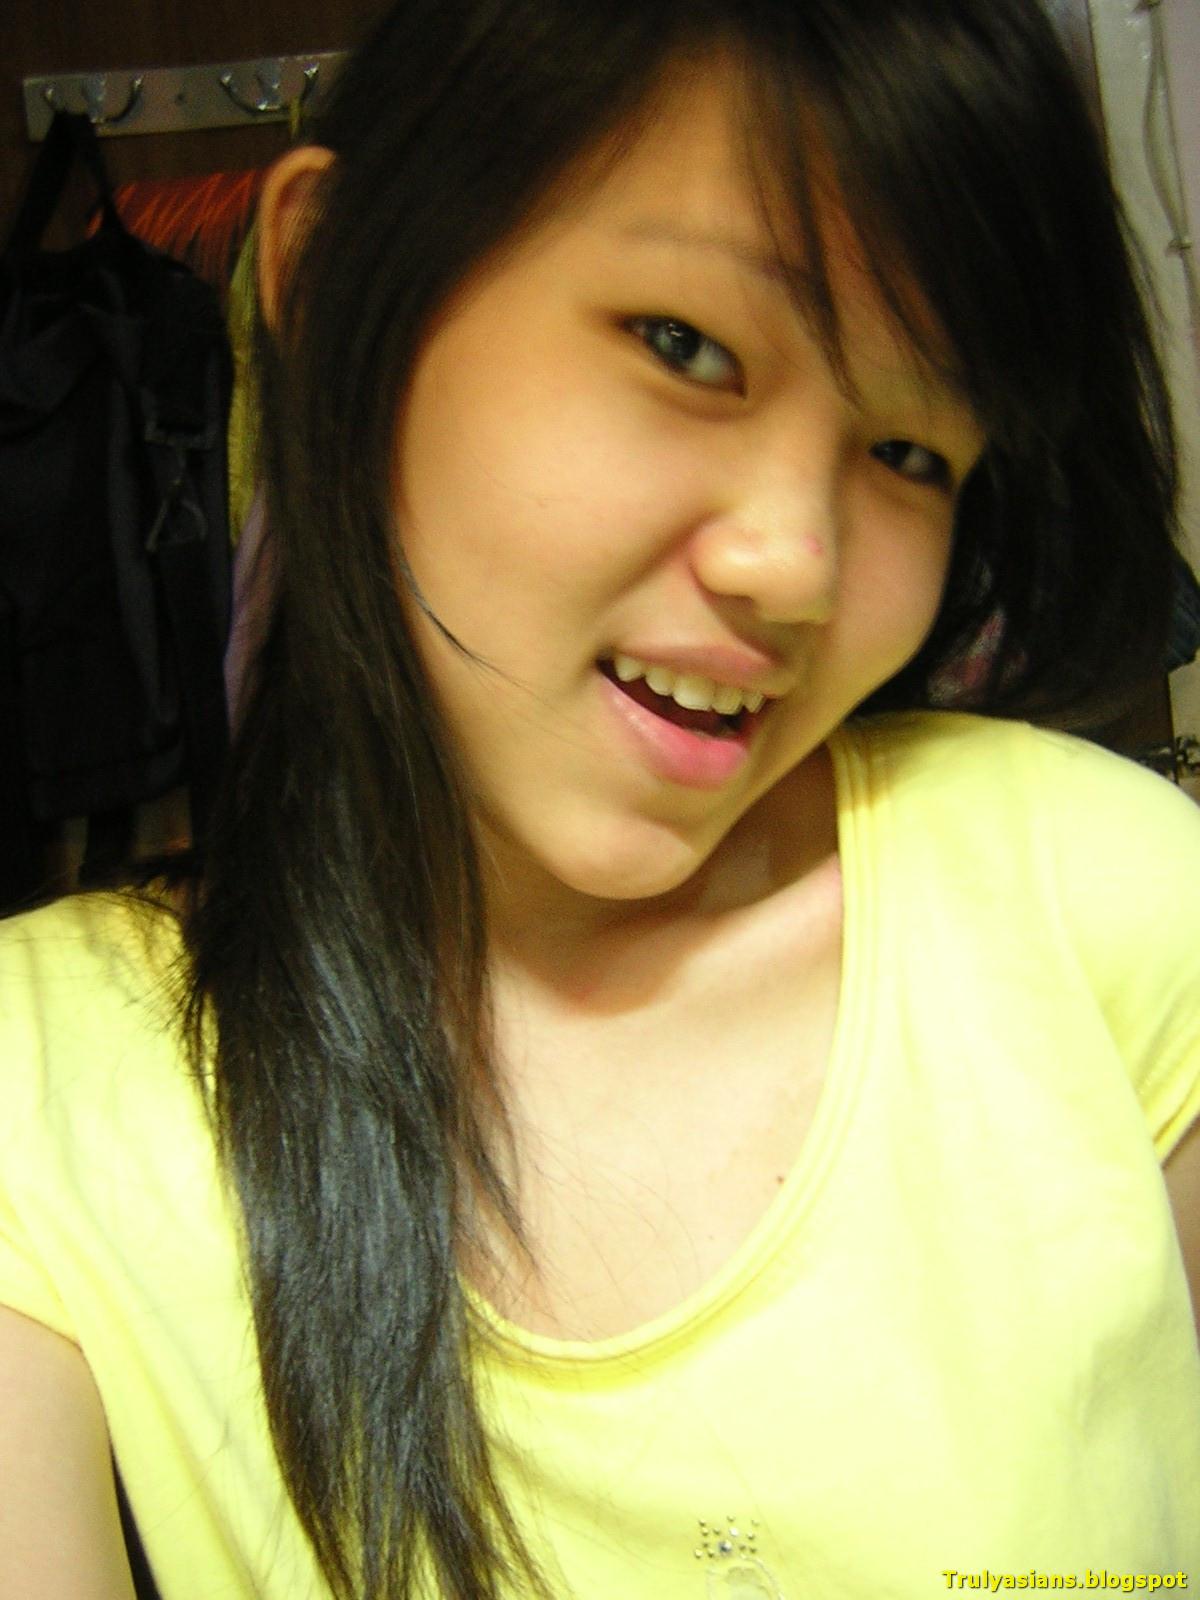 1 bp blogspot 0a0Ow4hs9jA Ufwy8fa K8I AAAAAAAAD60 dWLQxvvC4yI s1600 trulyasians blogspot Busty Indon Girl Nude 057